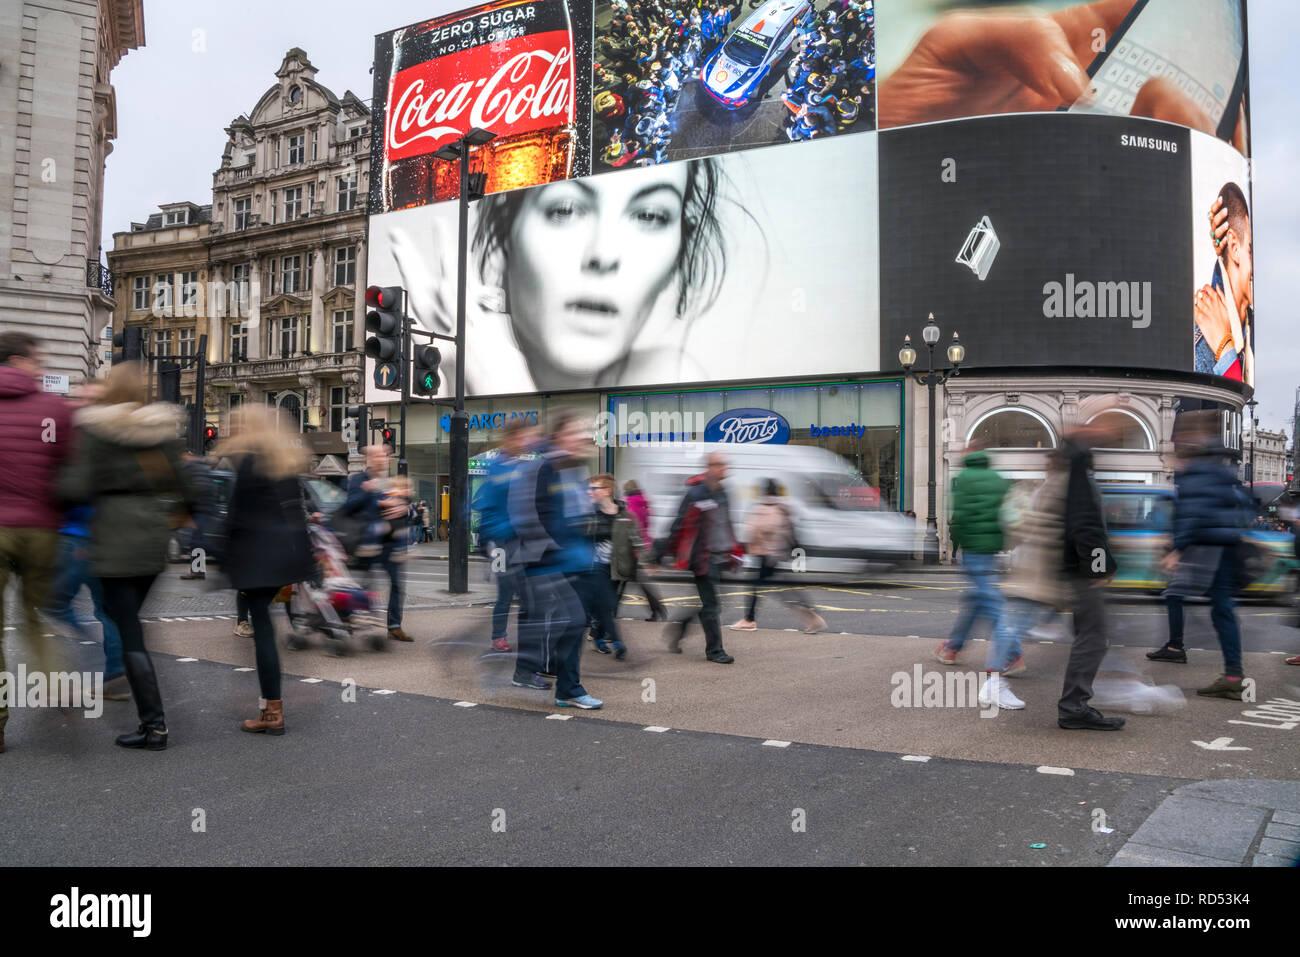 Fussgänger am Piccadilly Circus, London, Vereinigtes Königreich Großbritannien, Europa |  pedestrian crossing, Piccadilly Circus, London, United Kingd Stock Photo